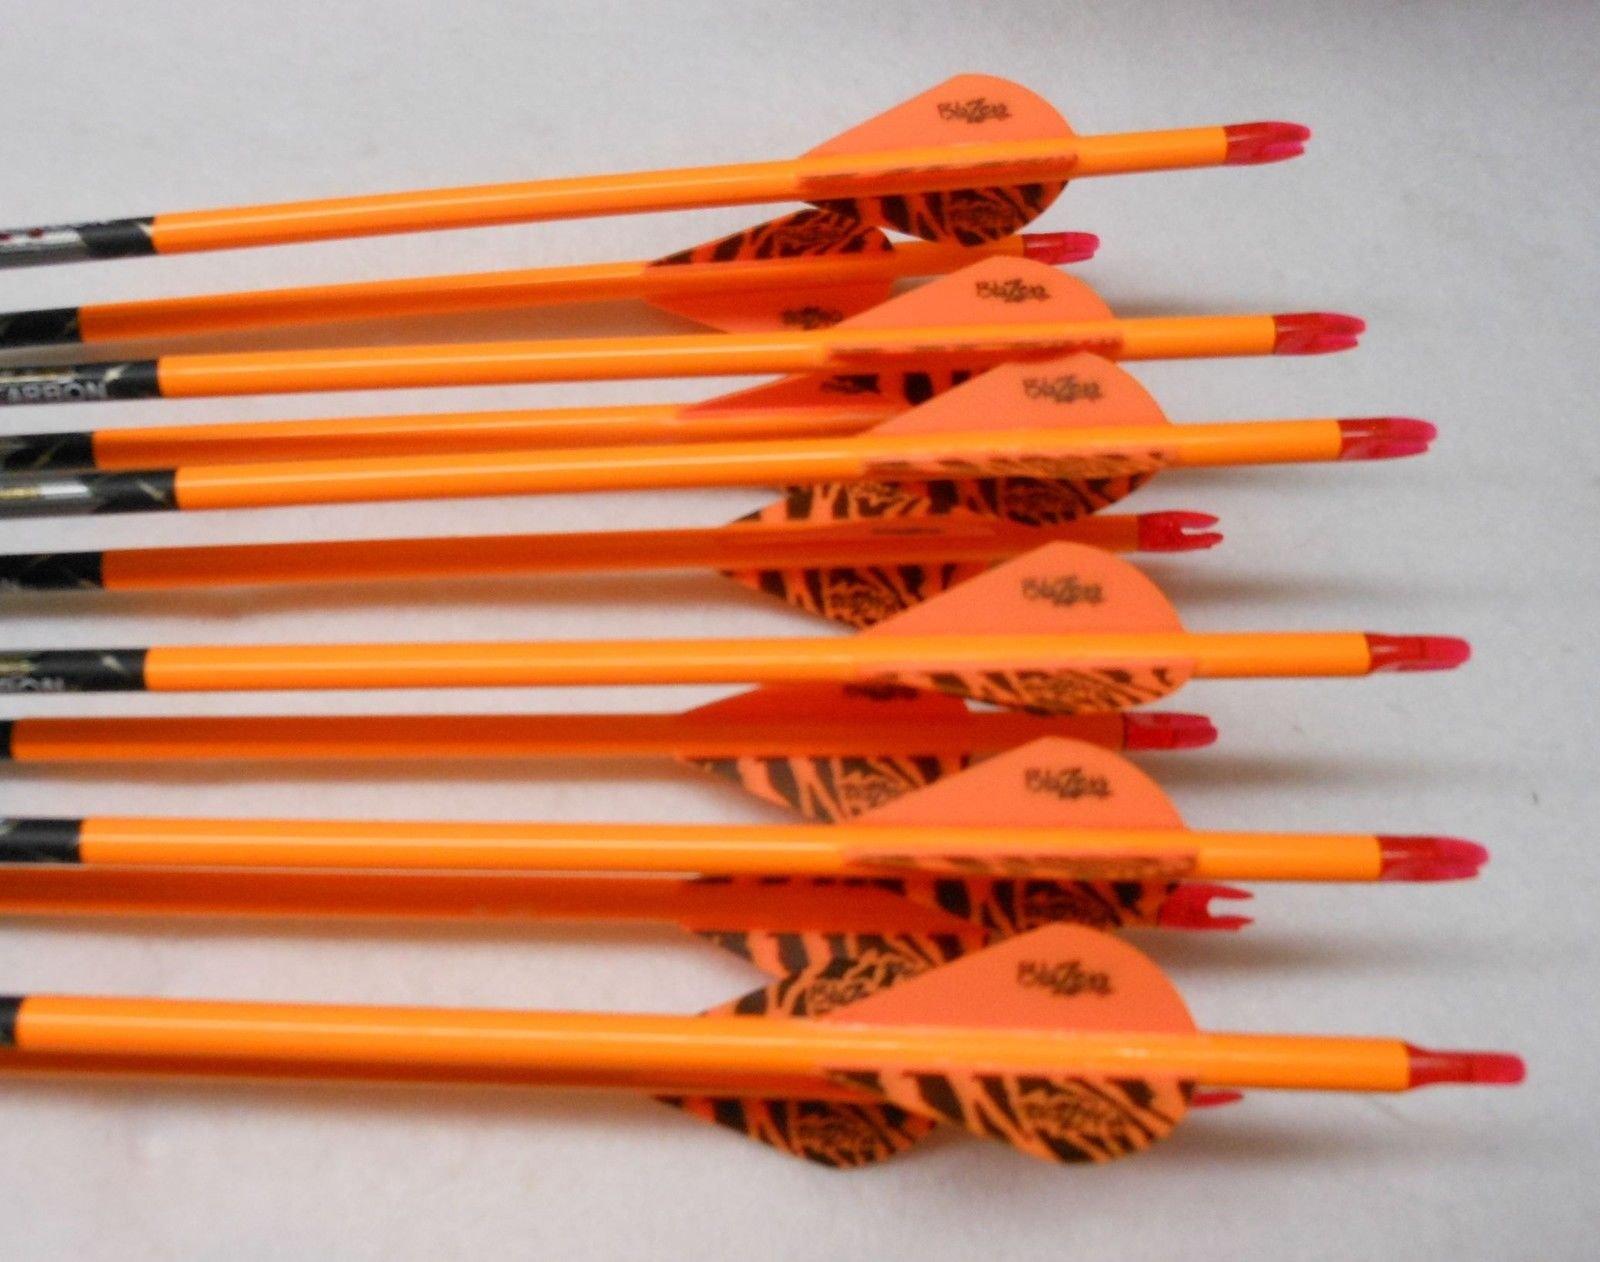 Easton ST Axis N Fused 400 Carbon Arrows w/Blazer Vanes Bullseye Wraps 1 Dz.